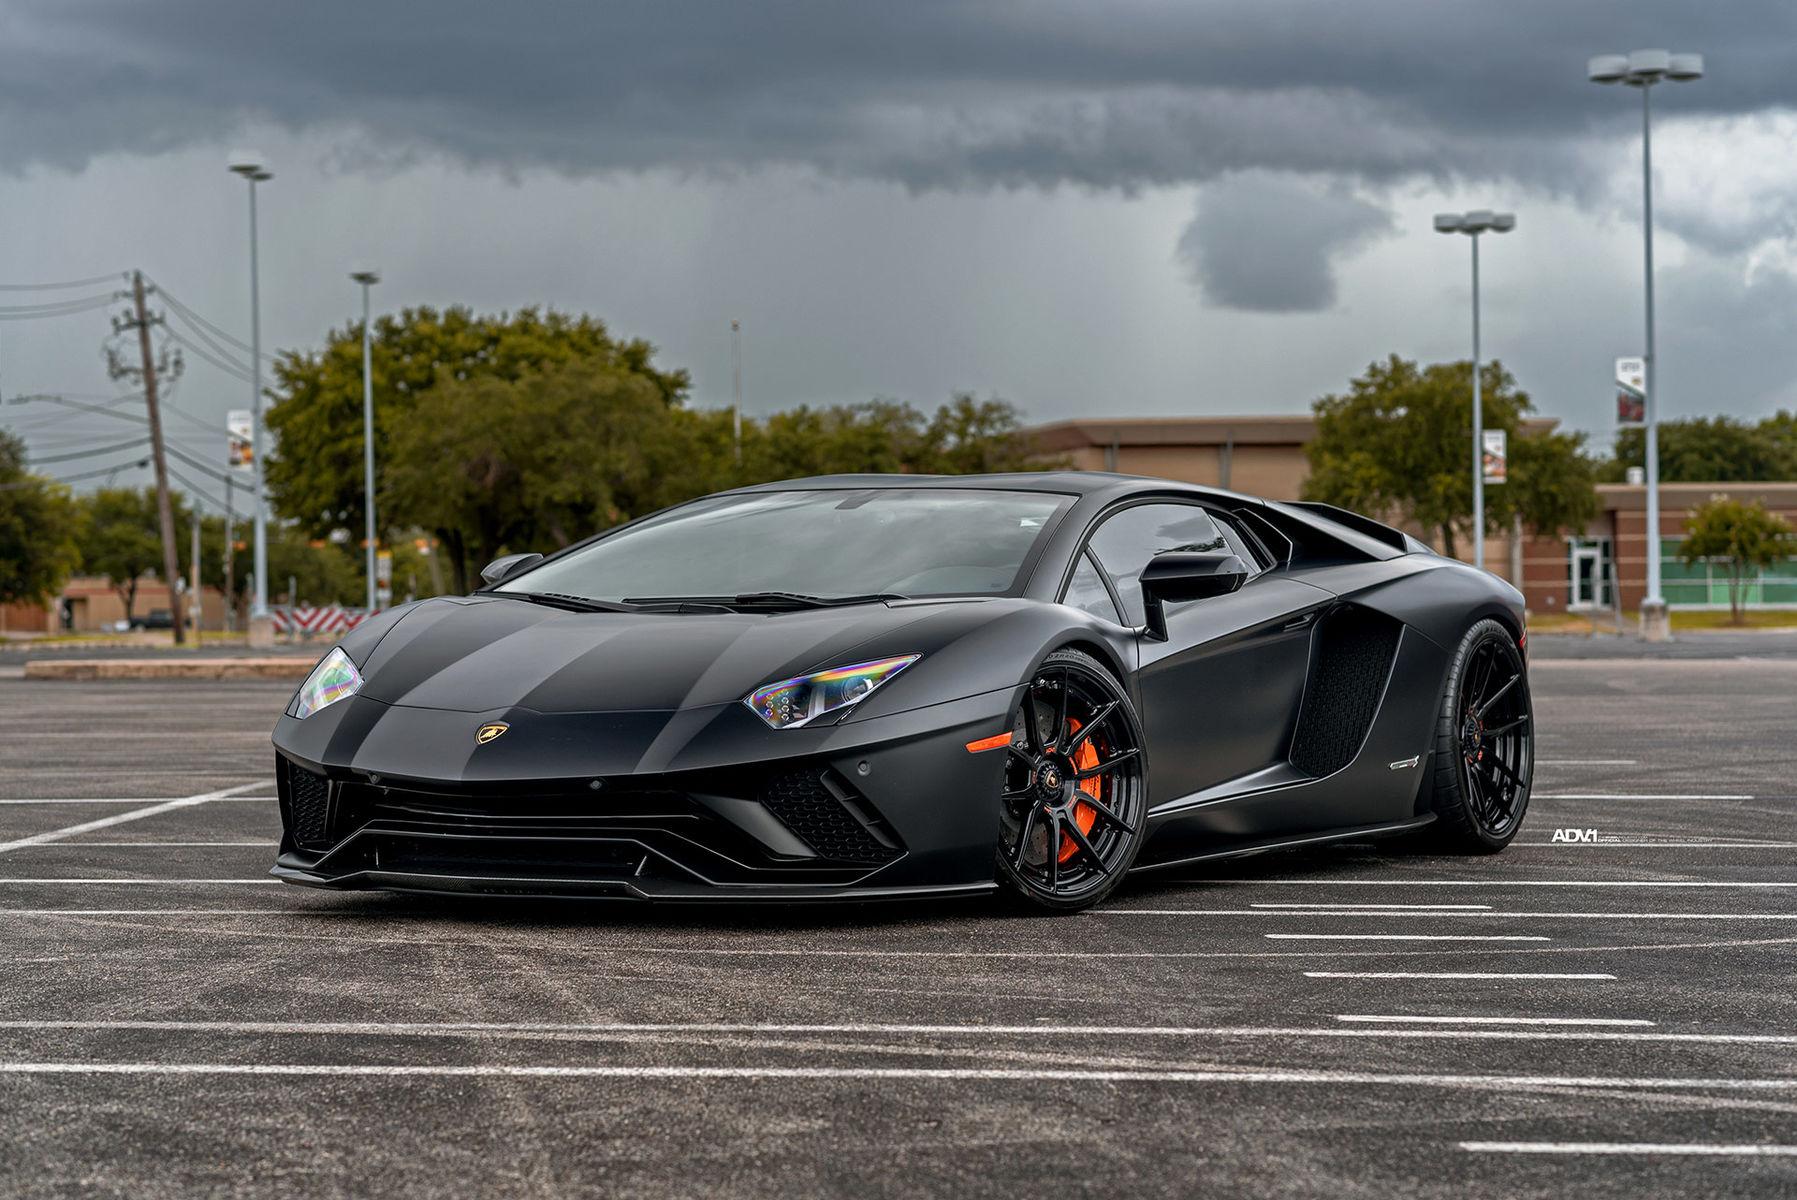 Lamborghini Aventador | Satin Black Lamborghini Aventador S - ADV.1 ADV5.0 M.V2 CS Series Wheels